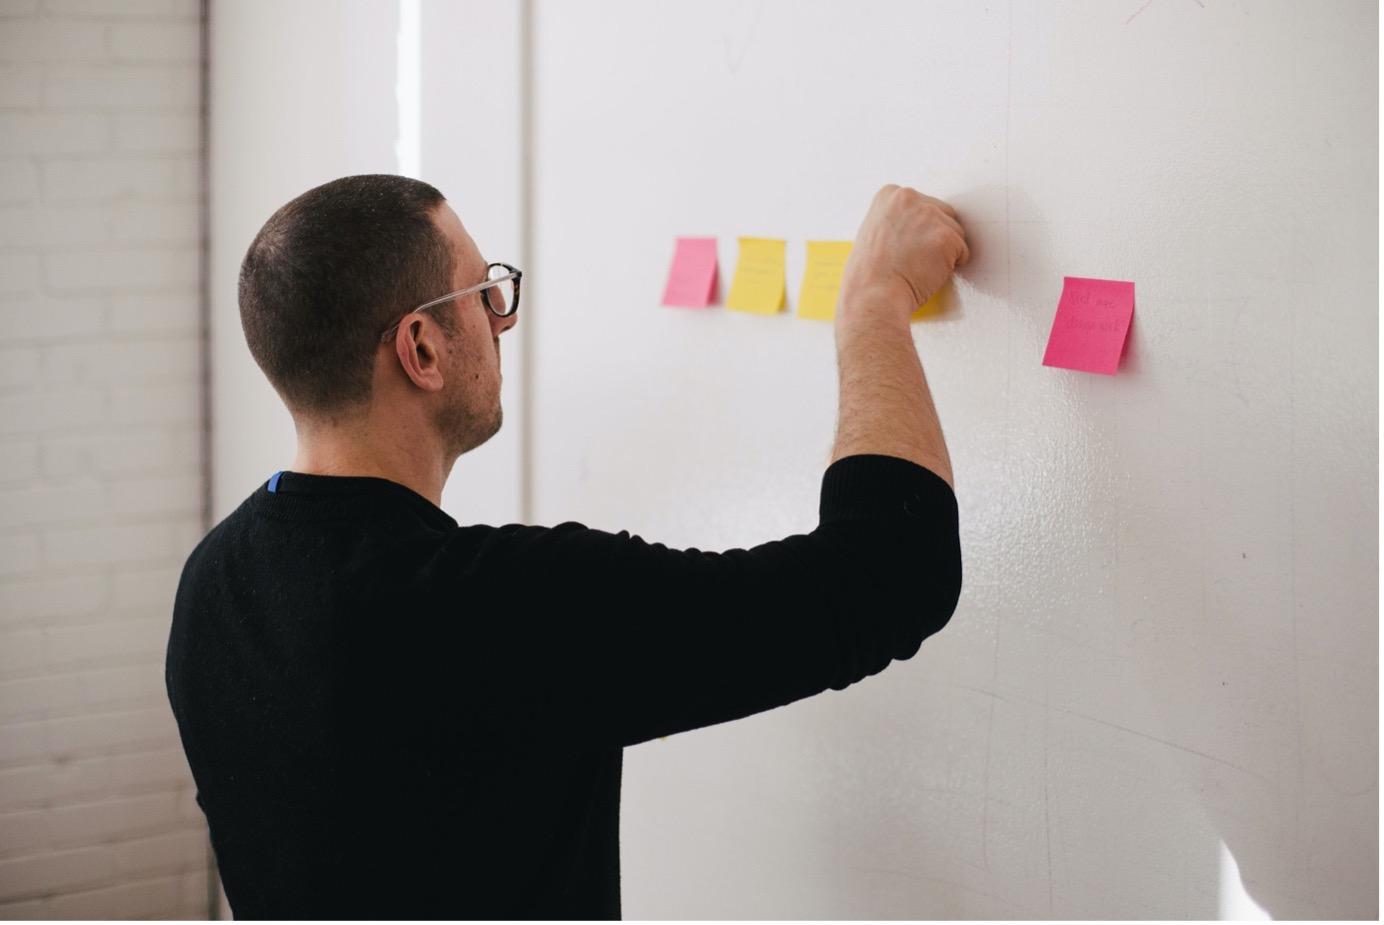 Comment faire une matrice RACI pour les responsabilités d'un projet ?